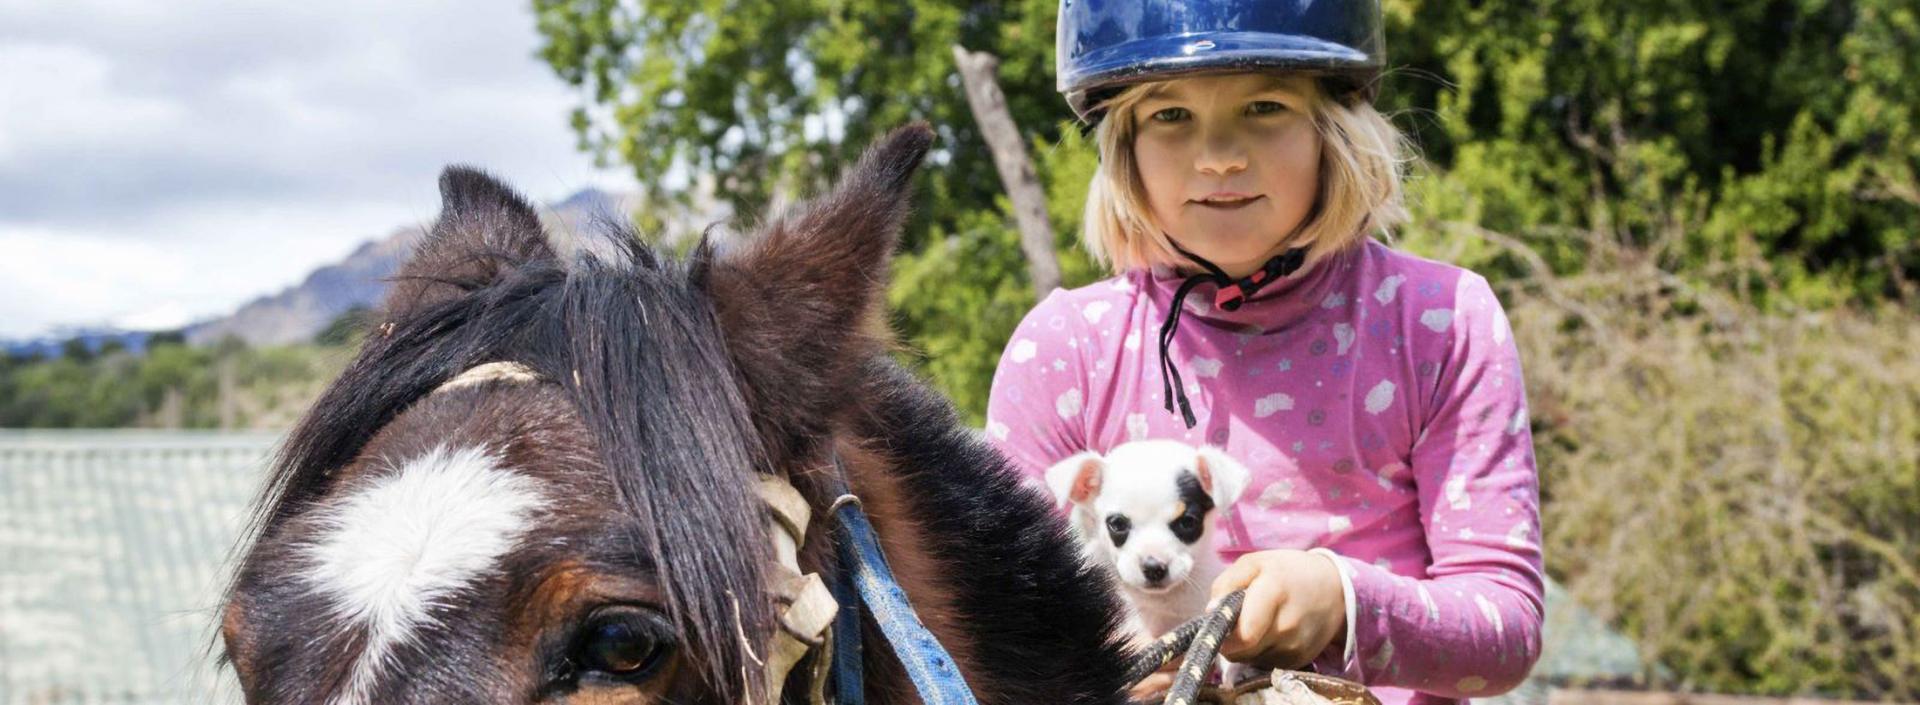 Especialização Avançada em Terapia Assistida por Animais: Cães e Cavalos